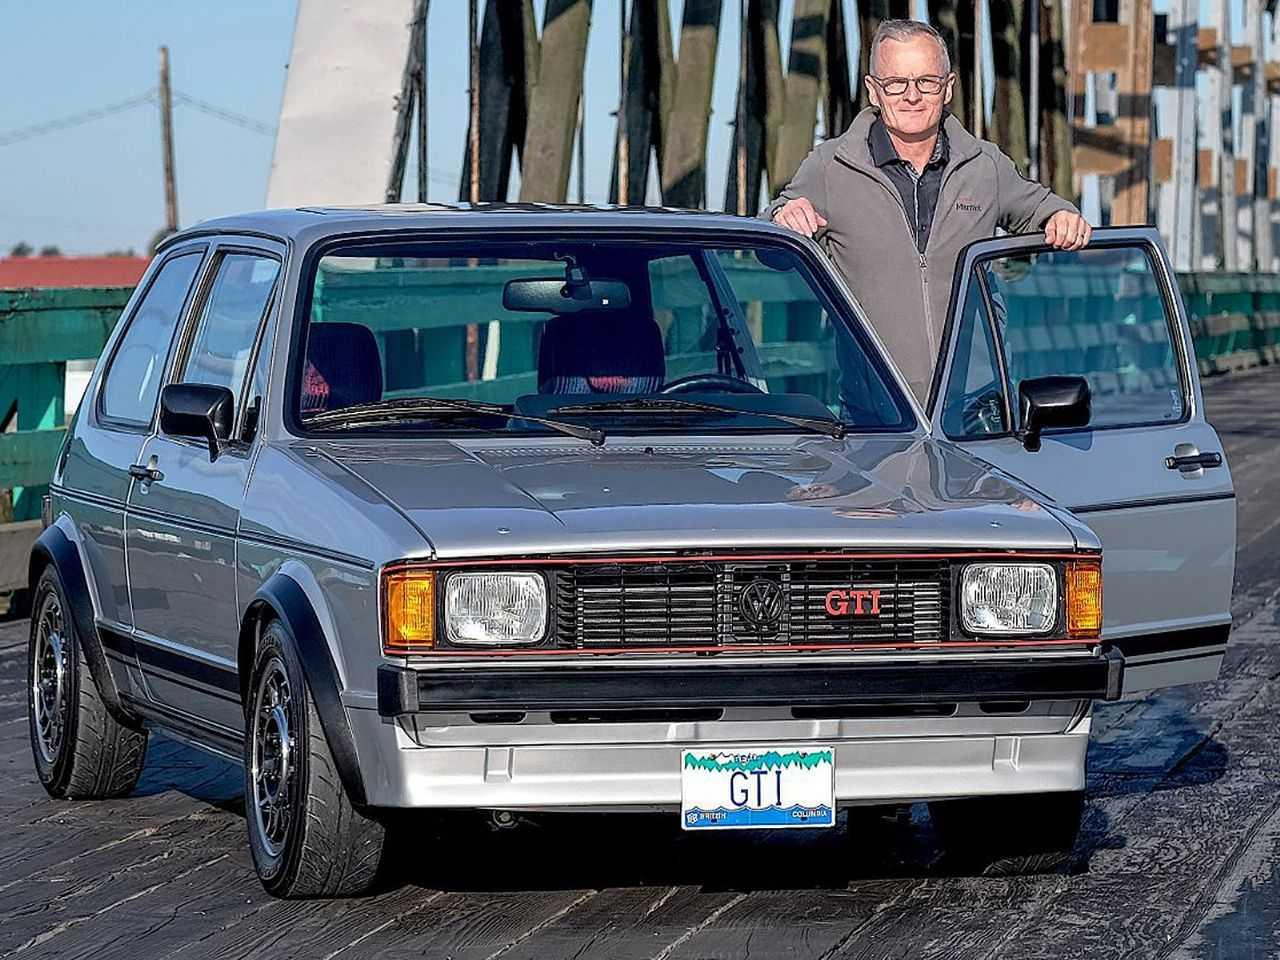 O engenheiro canadense Derek Spratt e seu Ultimate GTI